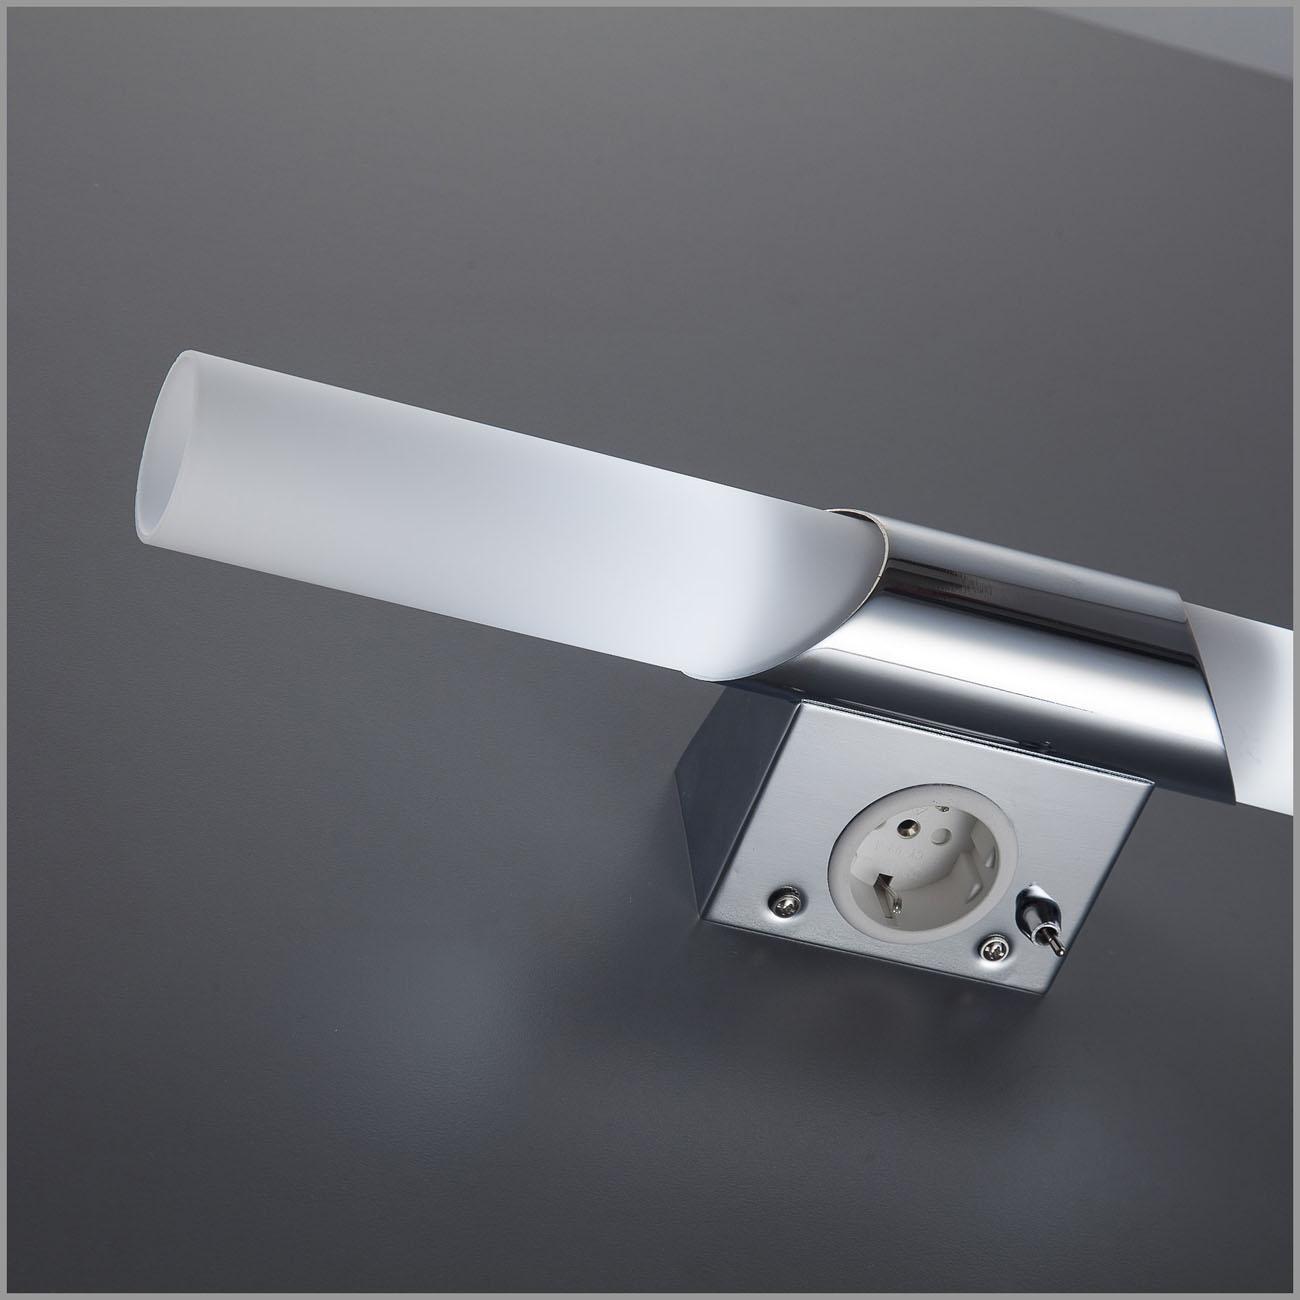 LED Spiegelleuchte Badlampe mit Steckdose 2xE14  - 5